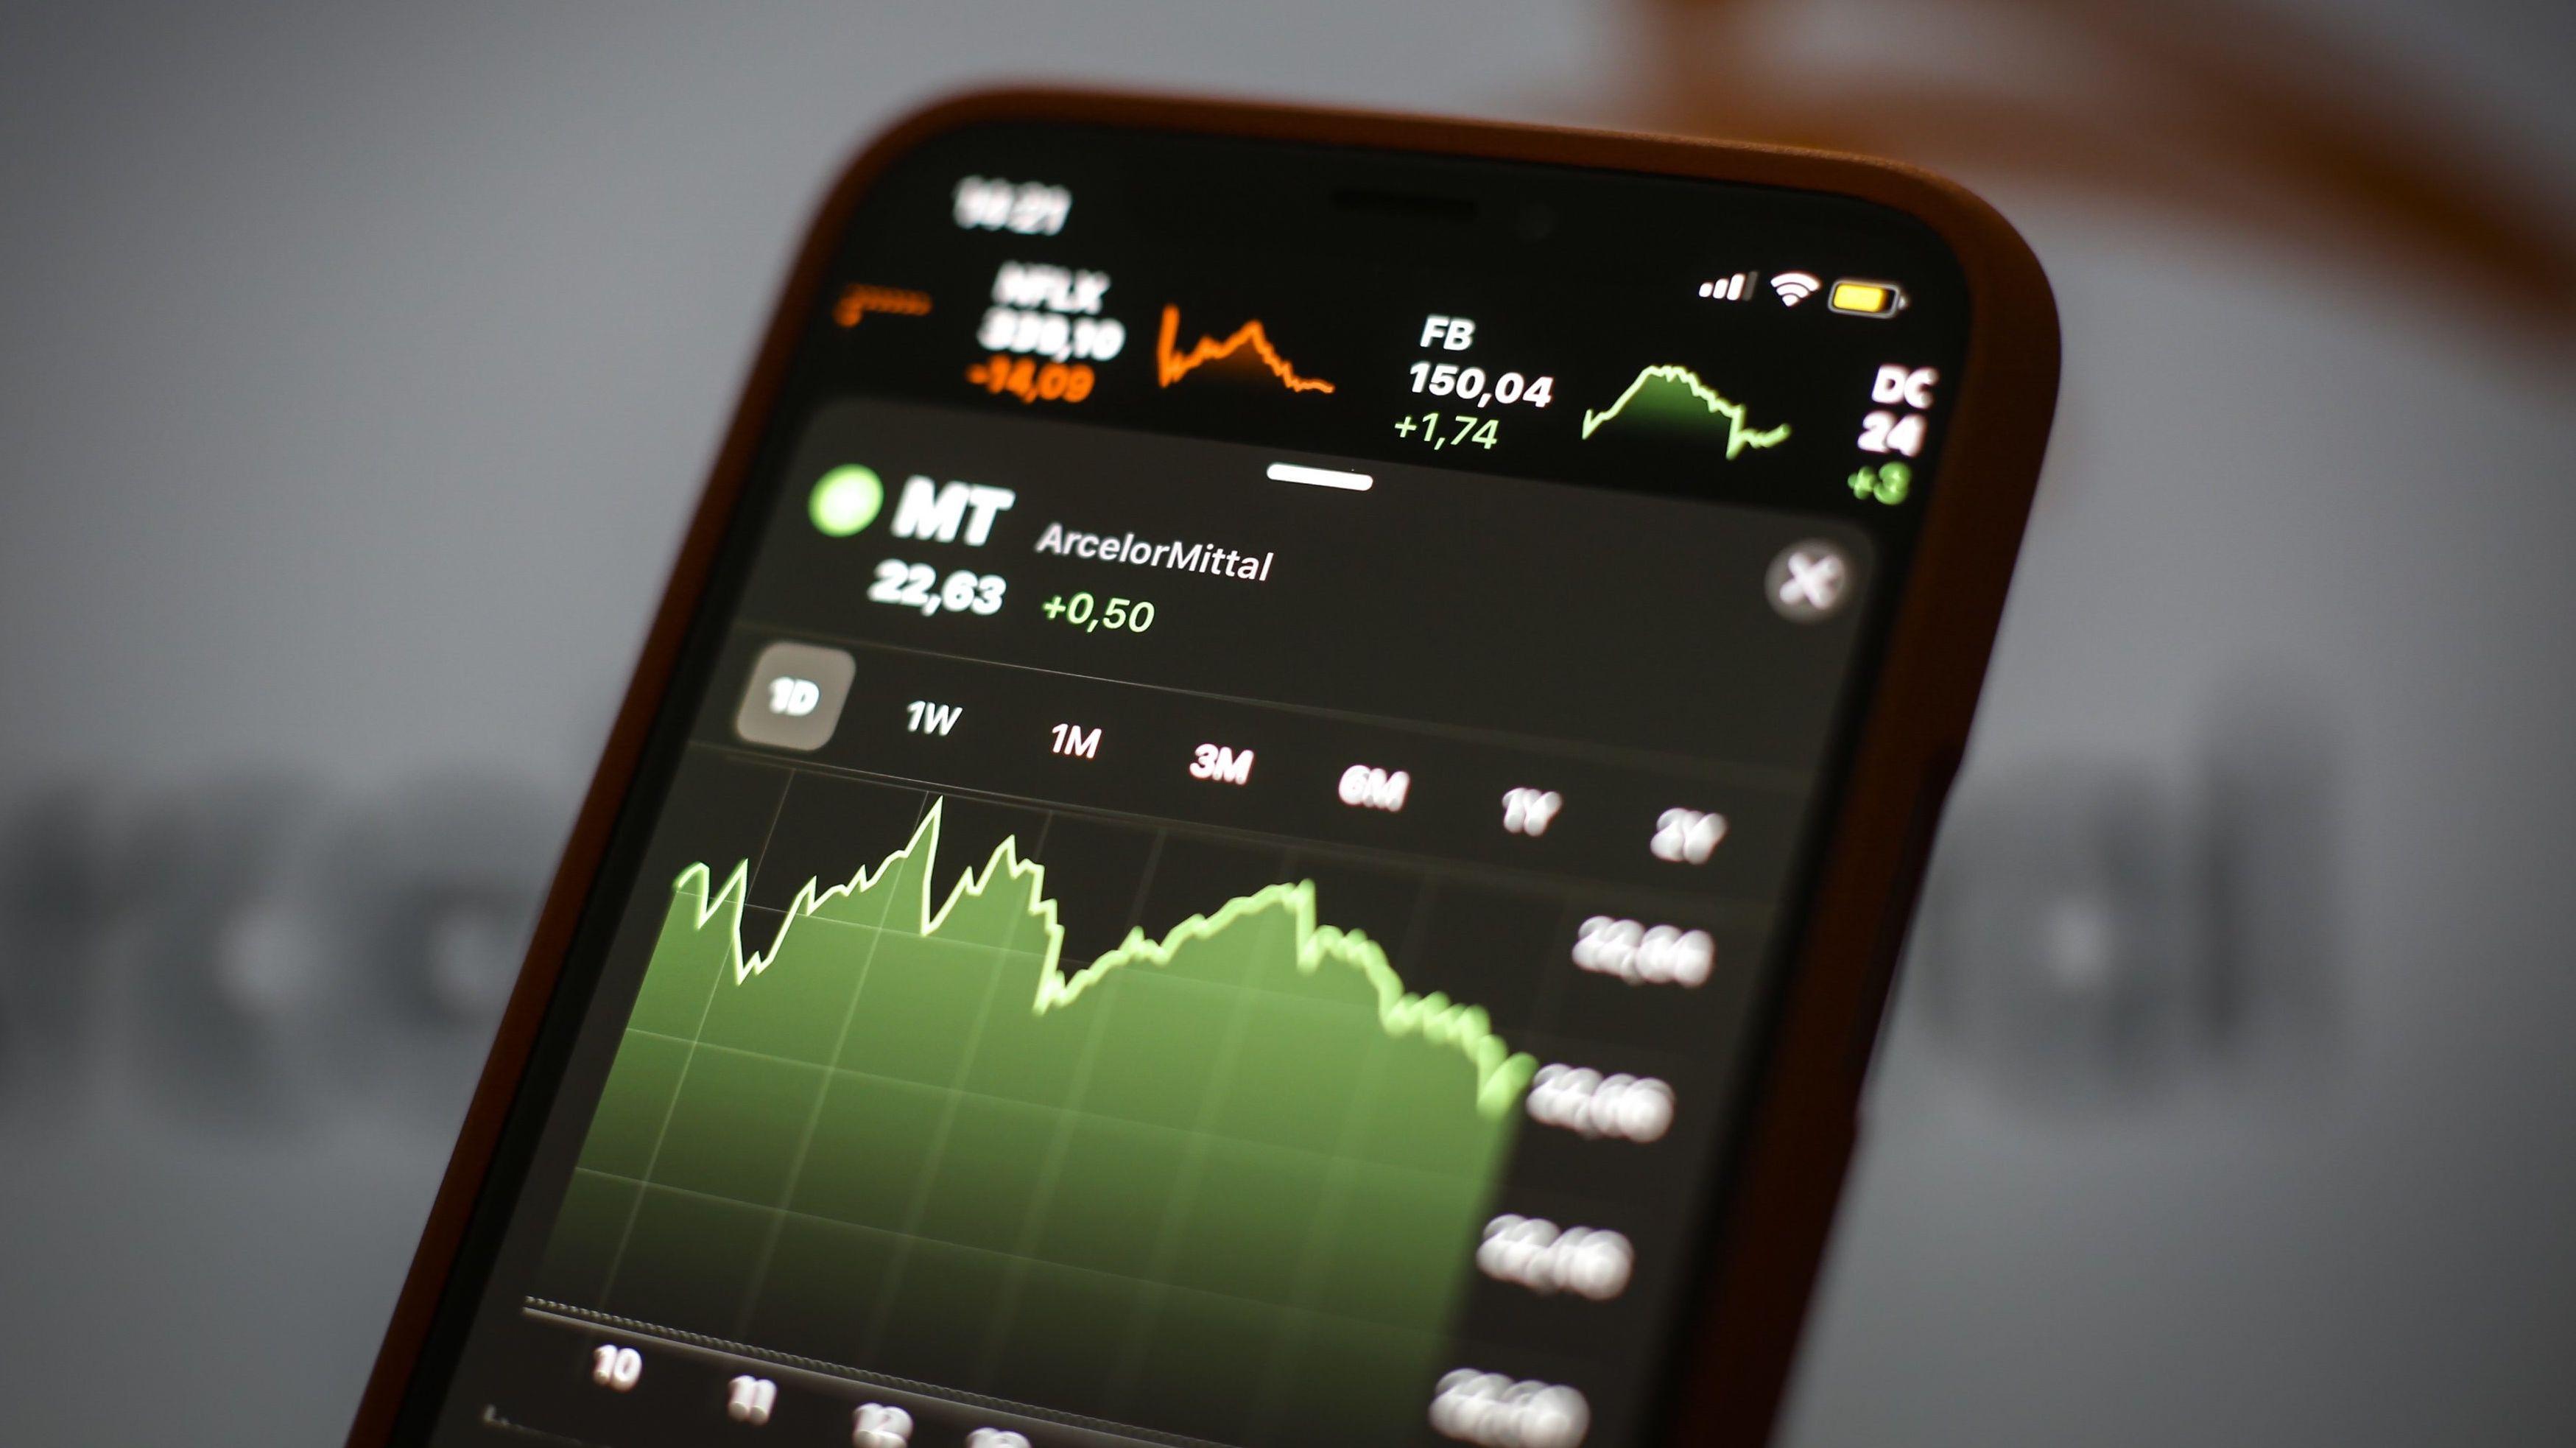 Smartphone mit Ansicht von DAX-Kurve